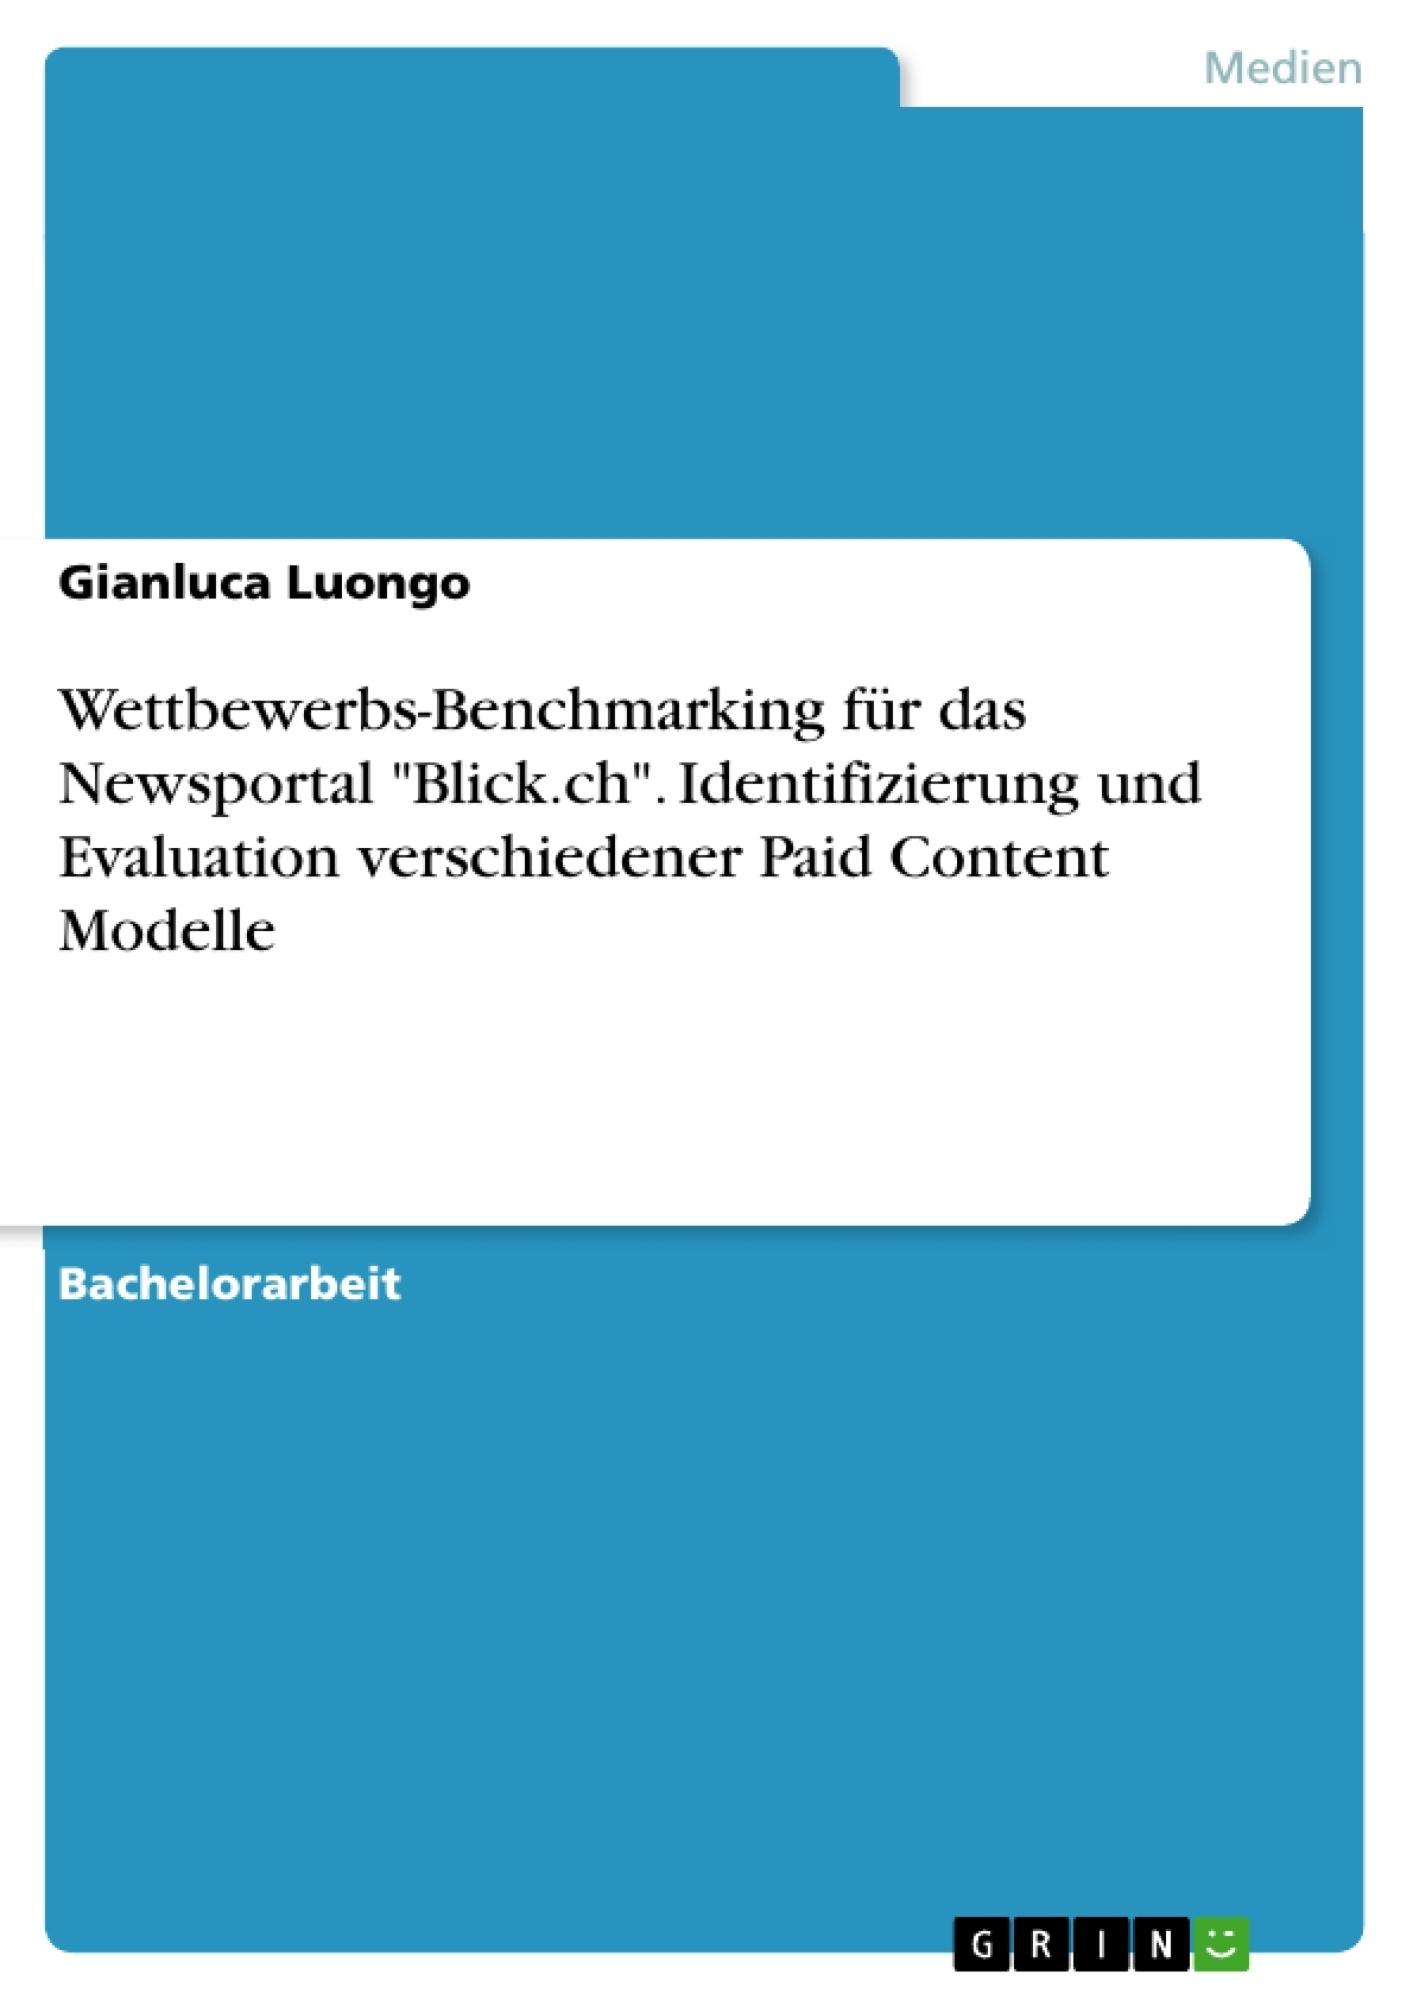 """Titel: Wettbewerbs-Benchmarking für das Newsportal """"Blick.ch"""". Identifizierung und Evaluation verschiedener Paid Content Modelle"""